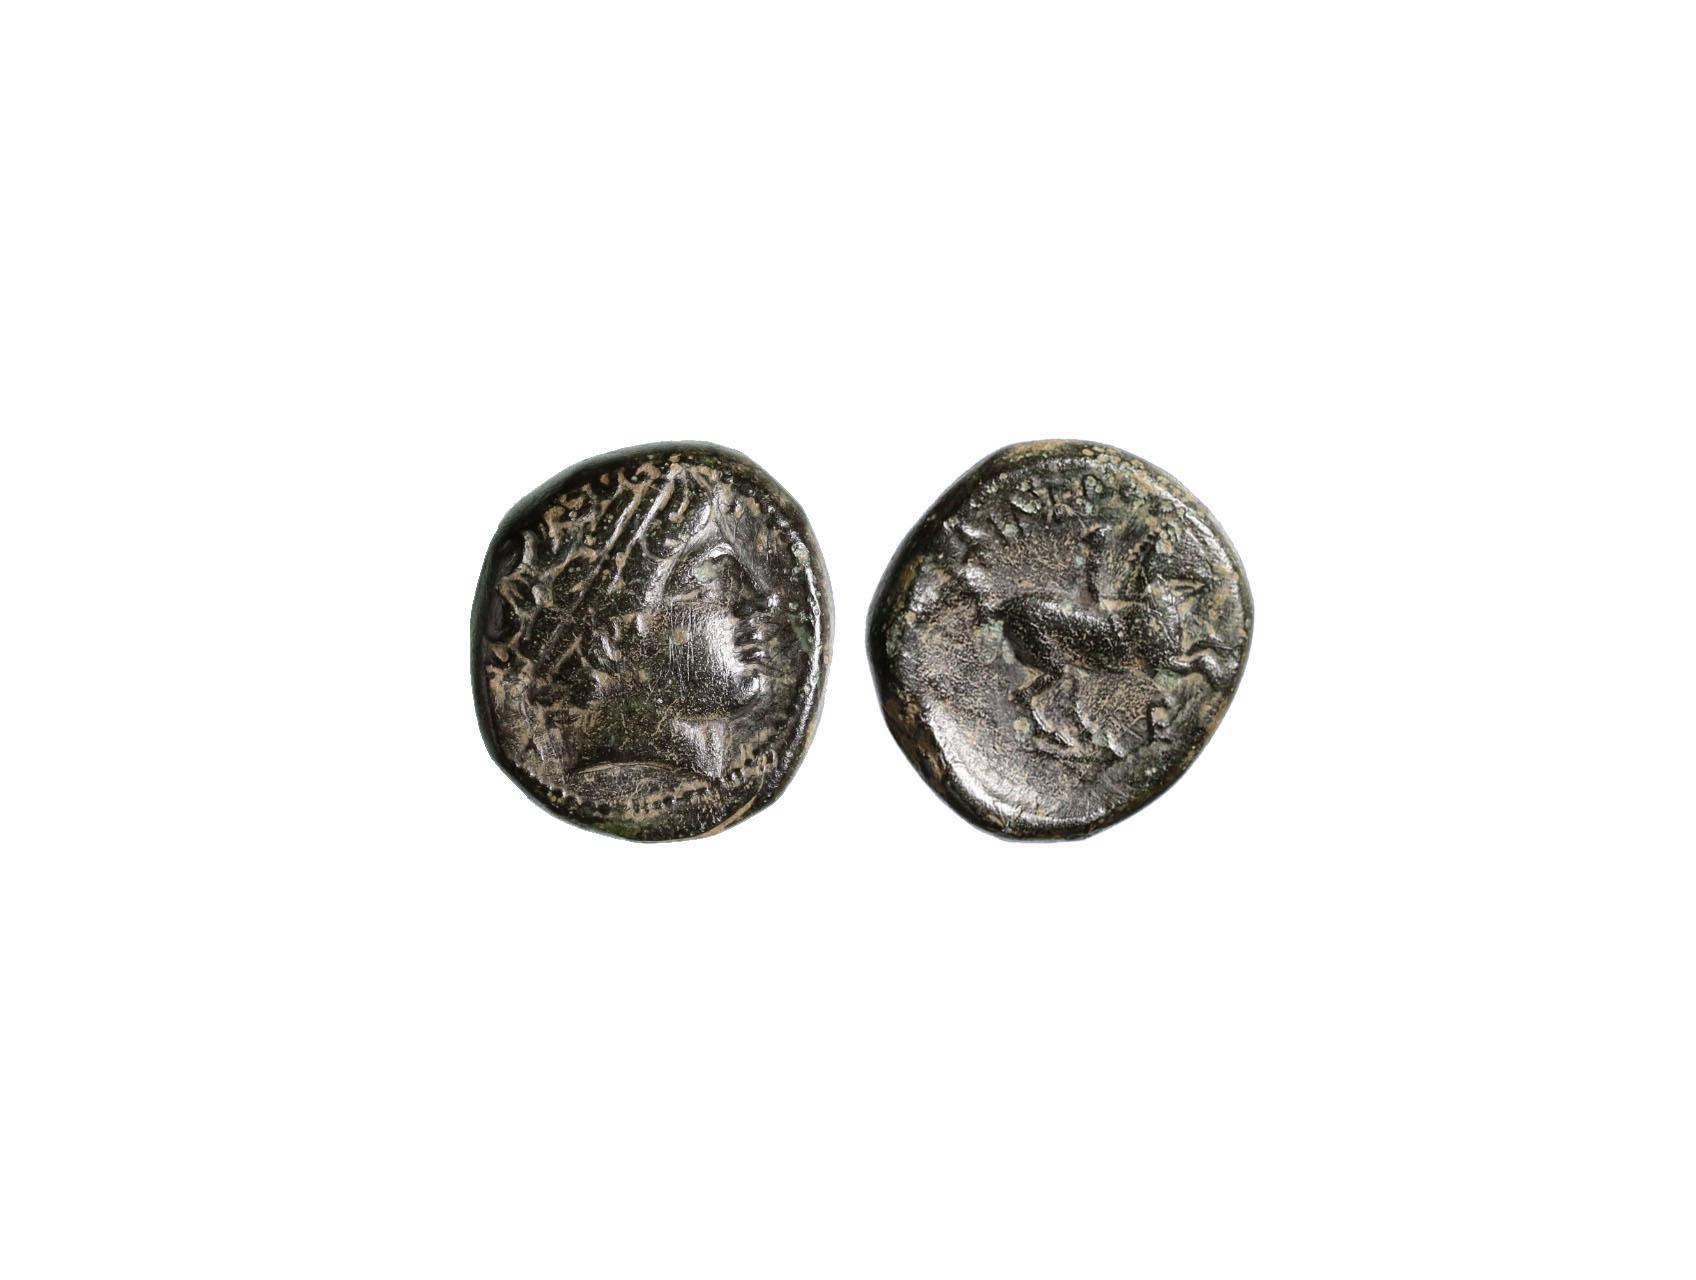 Řím císařství, Filip II. Makedonský 382 - 336 př. nl., AE 18